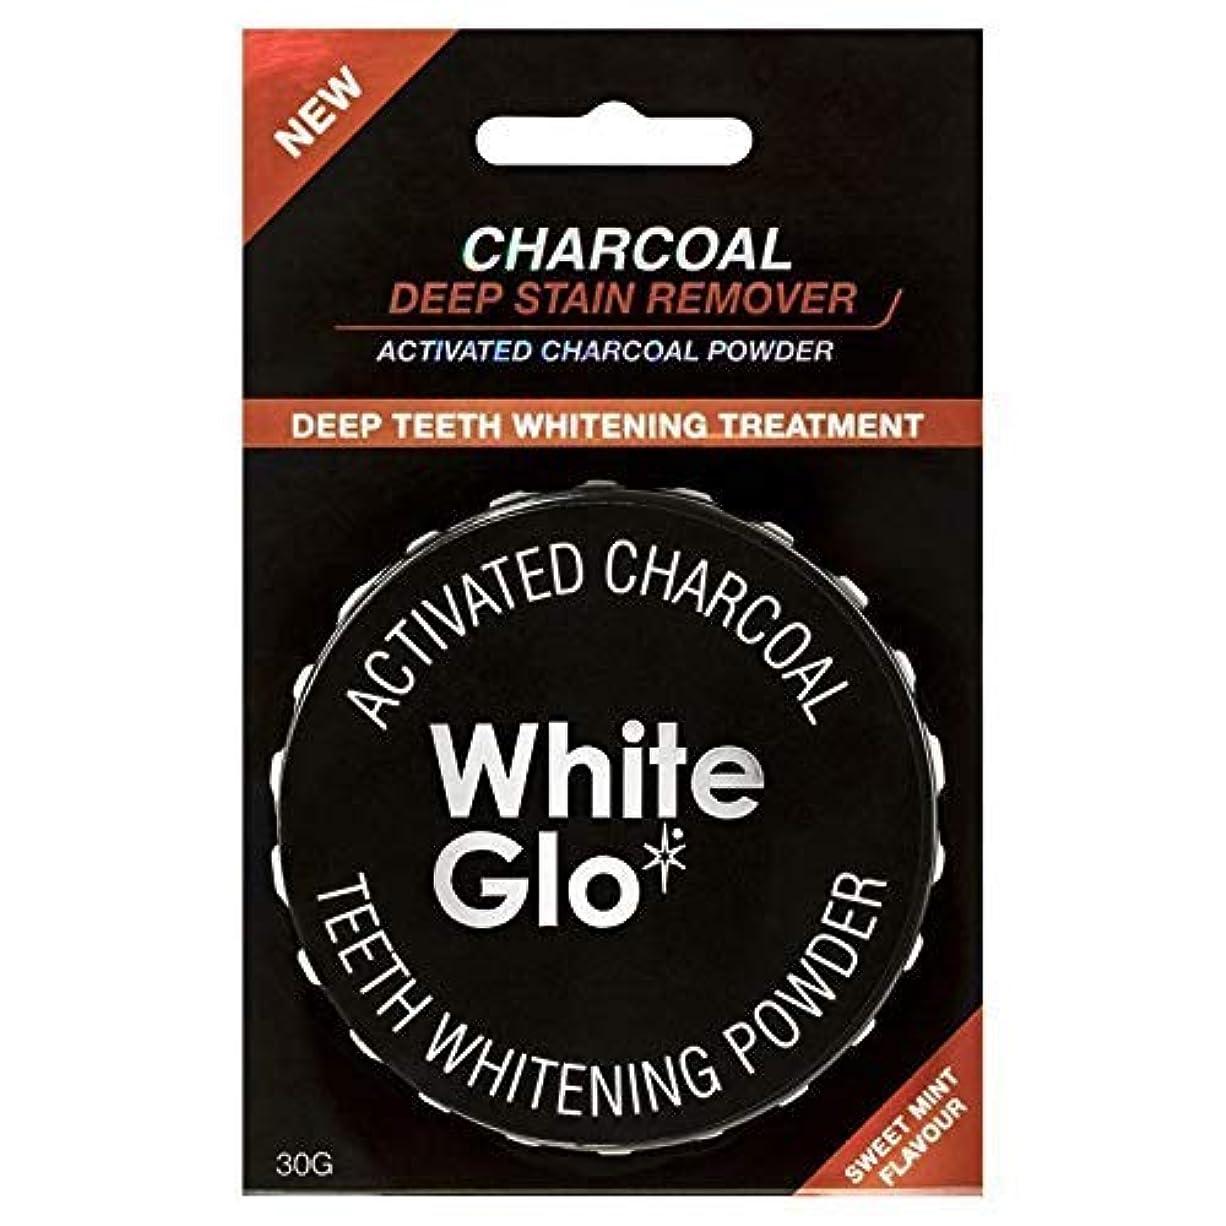 収縮世界不器用Teeth Whitening Systems White Glo Activated Charcoal Teeth Whitening Powder 30g Australia / システムを白くする歯を白くする歯の粉...